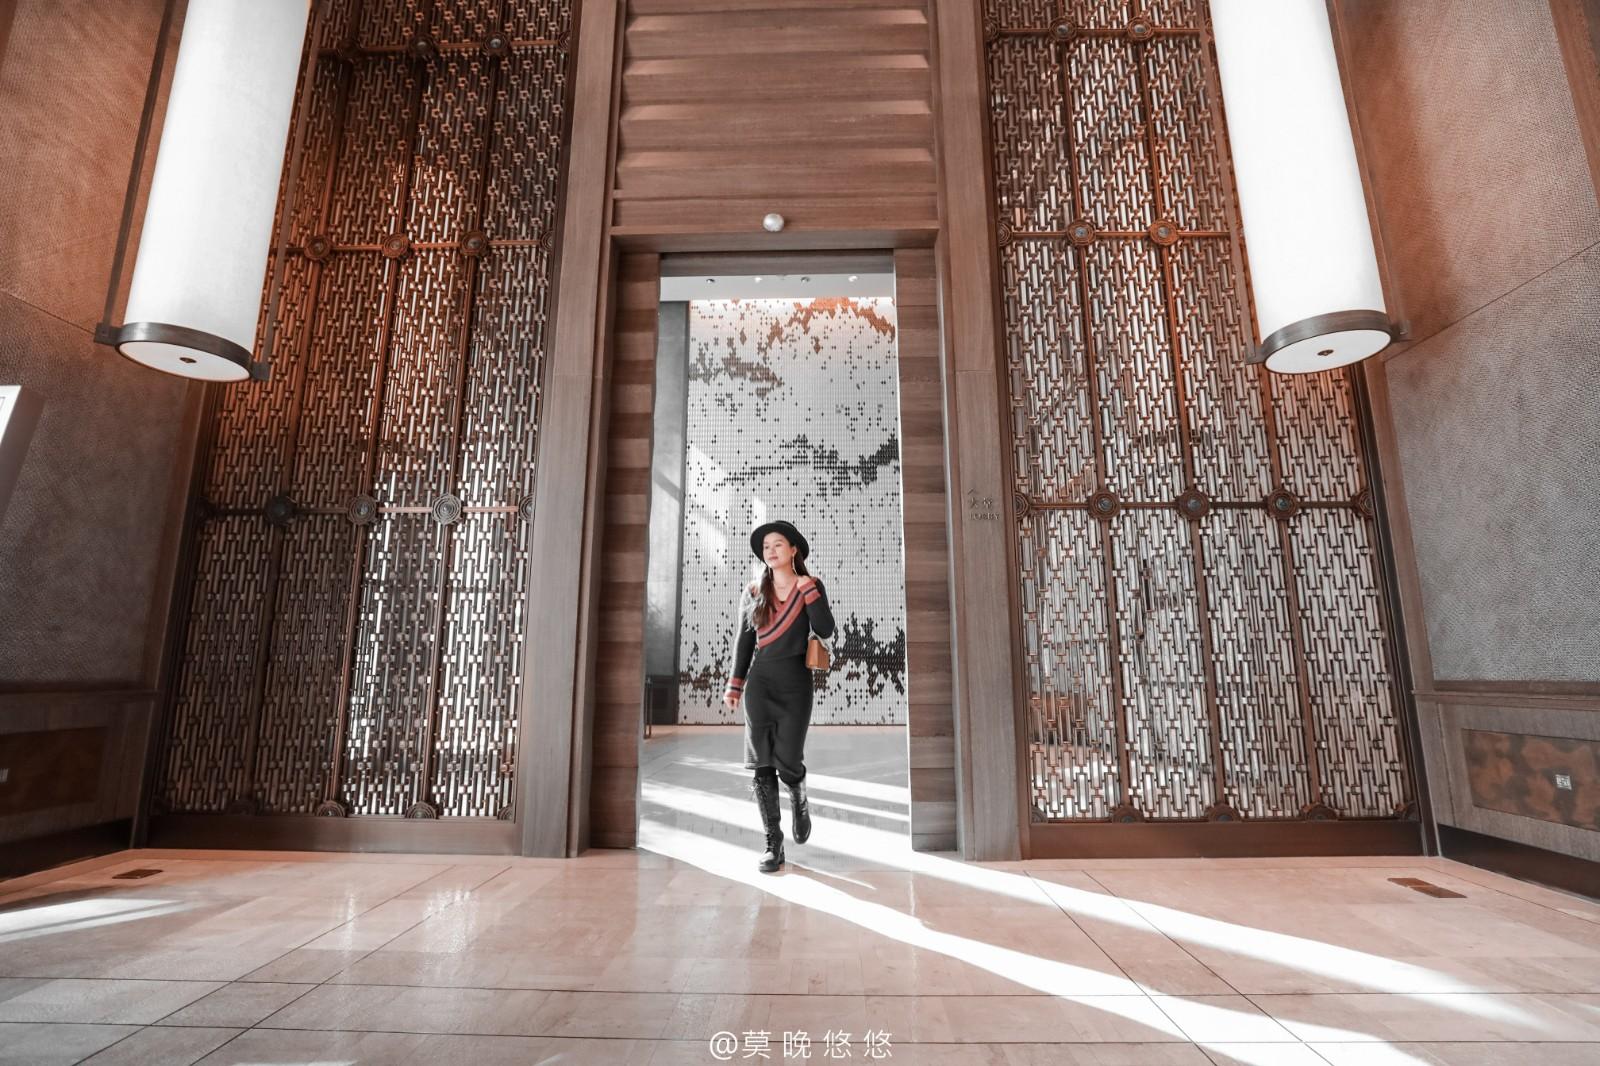 山城之行,感受一回重庆丽晶酒店的实力宠粉